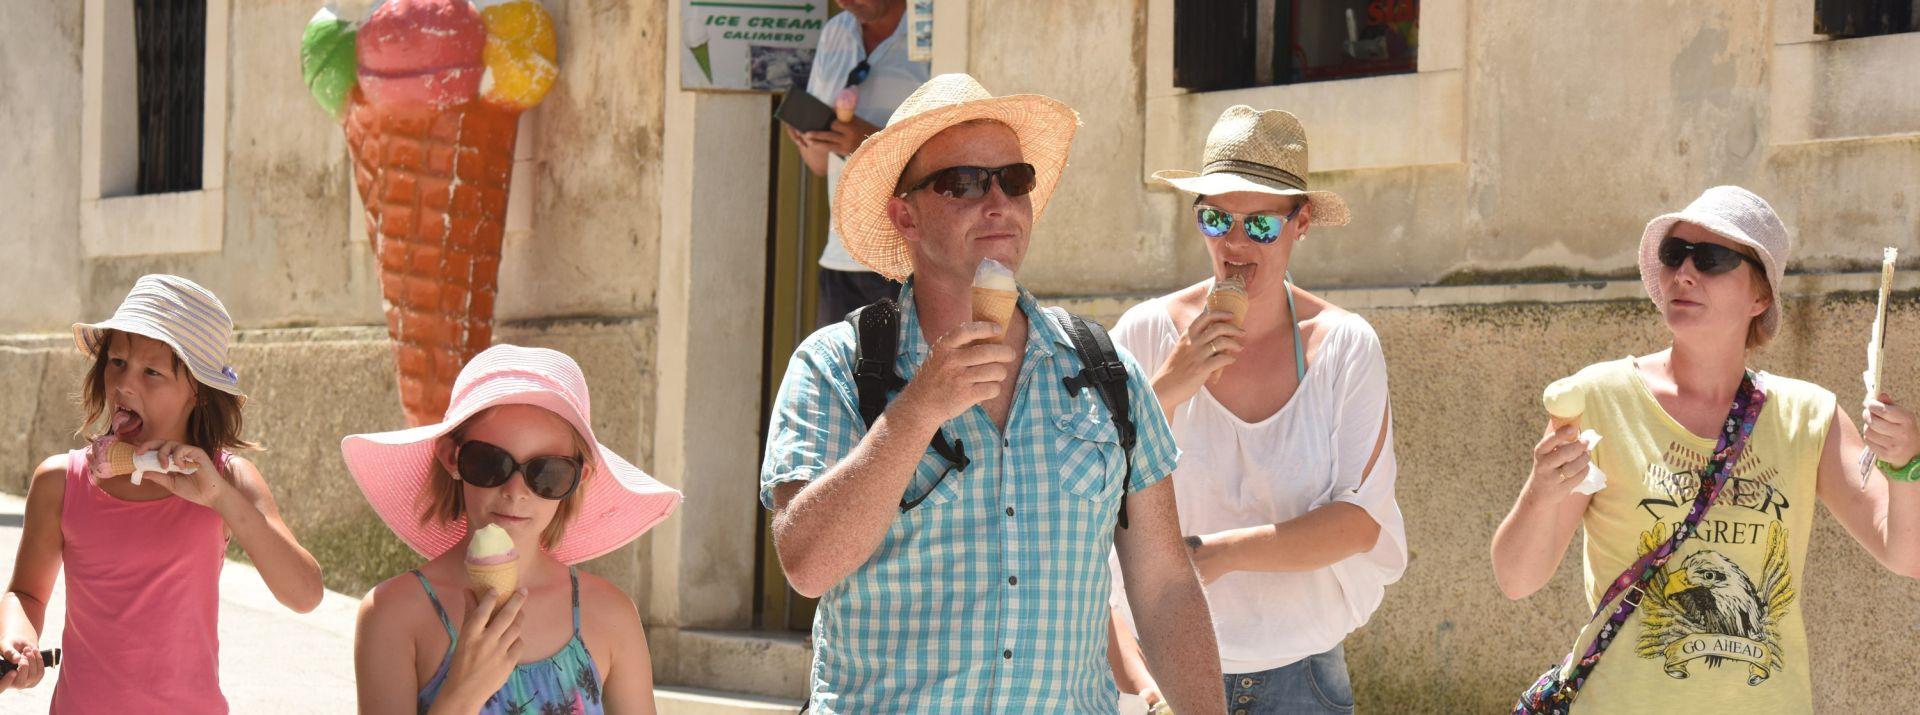 PAKLENE VRUĆINE  : Porasla prodaja sladoleda i osvježavajućih pića